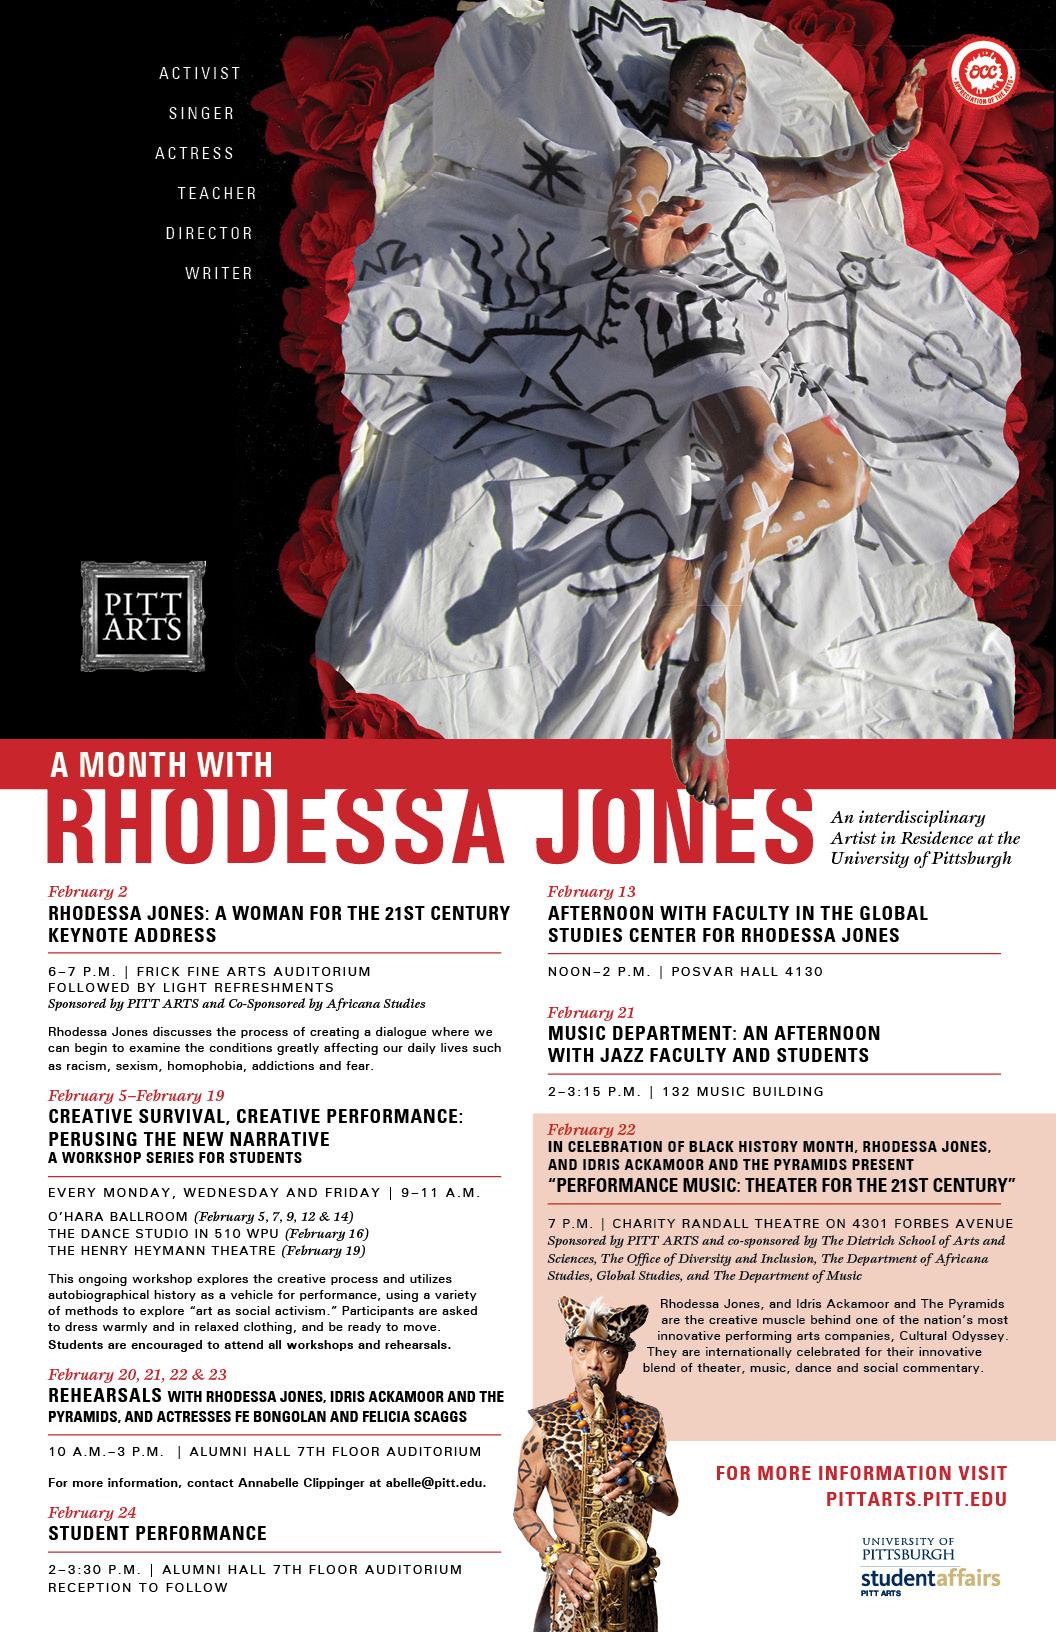 RhodessaJones_poster